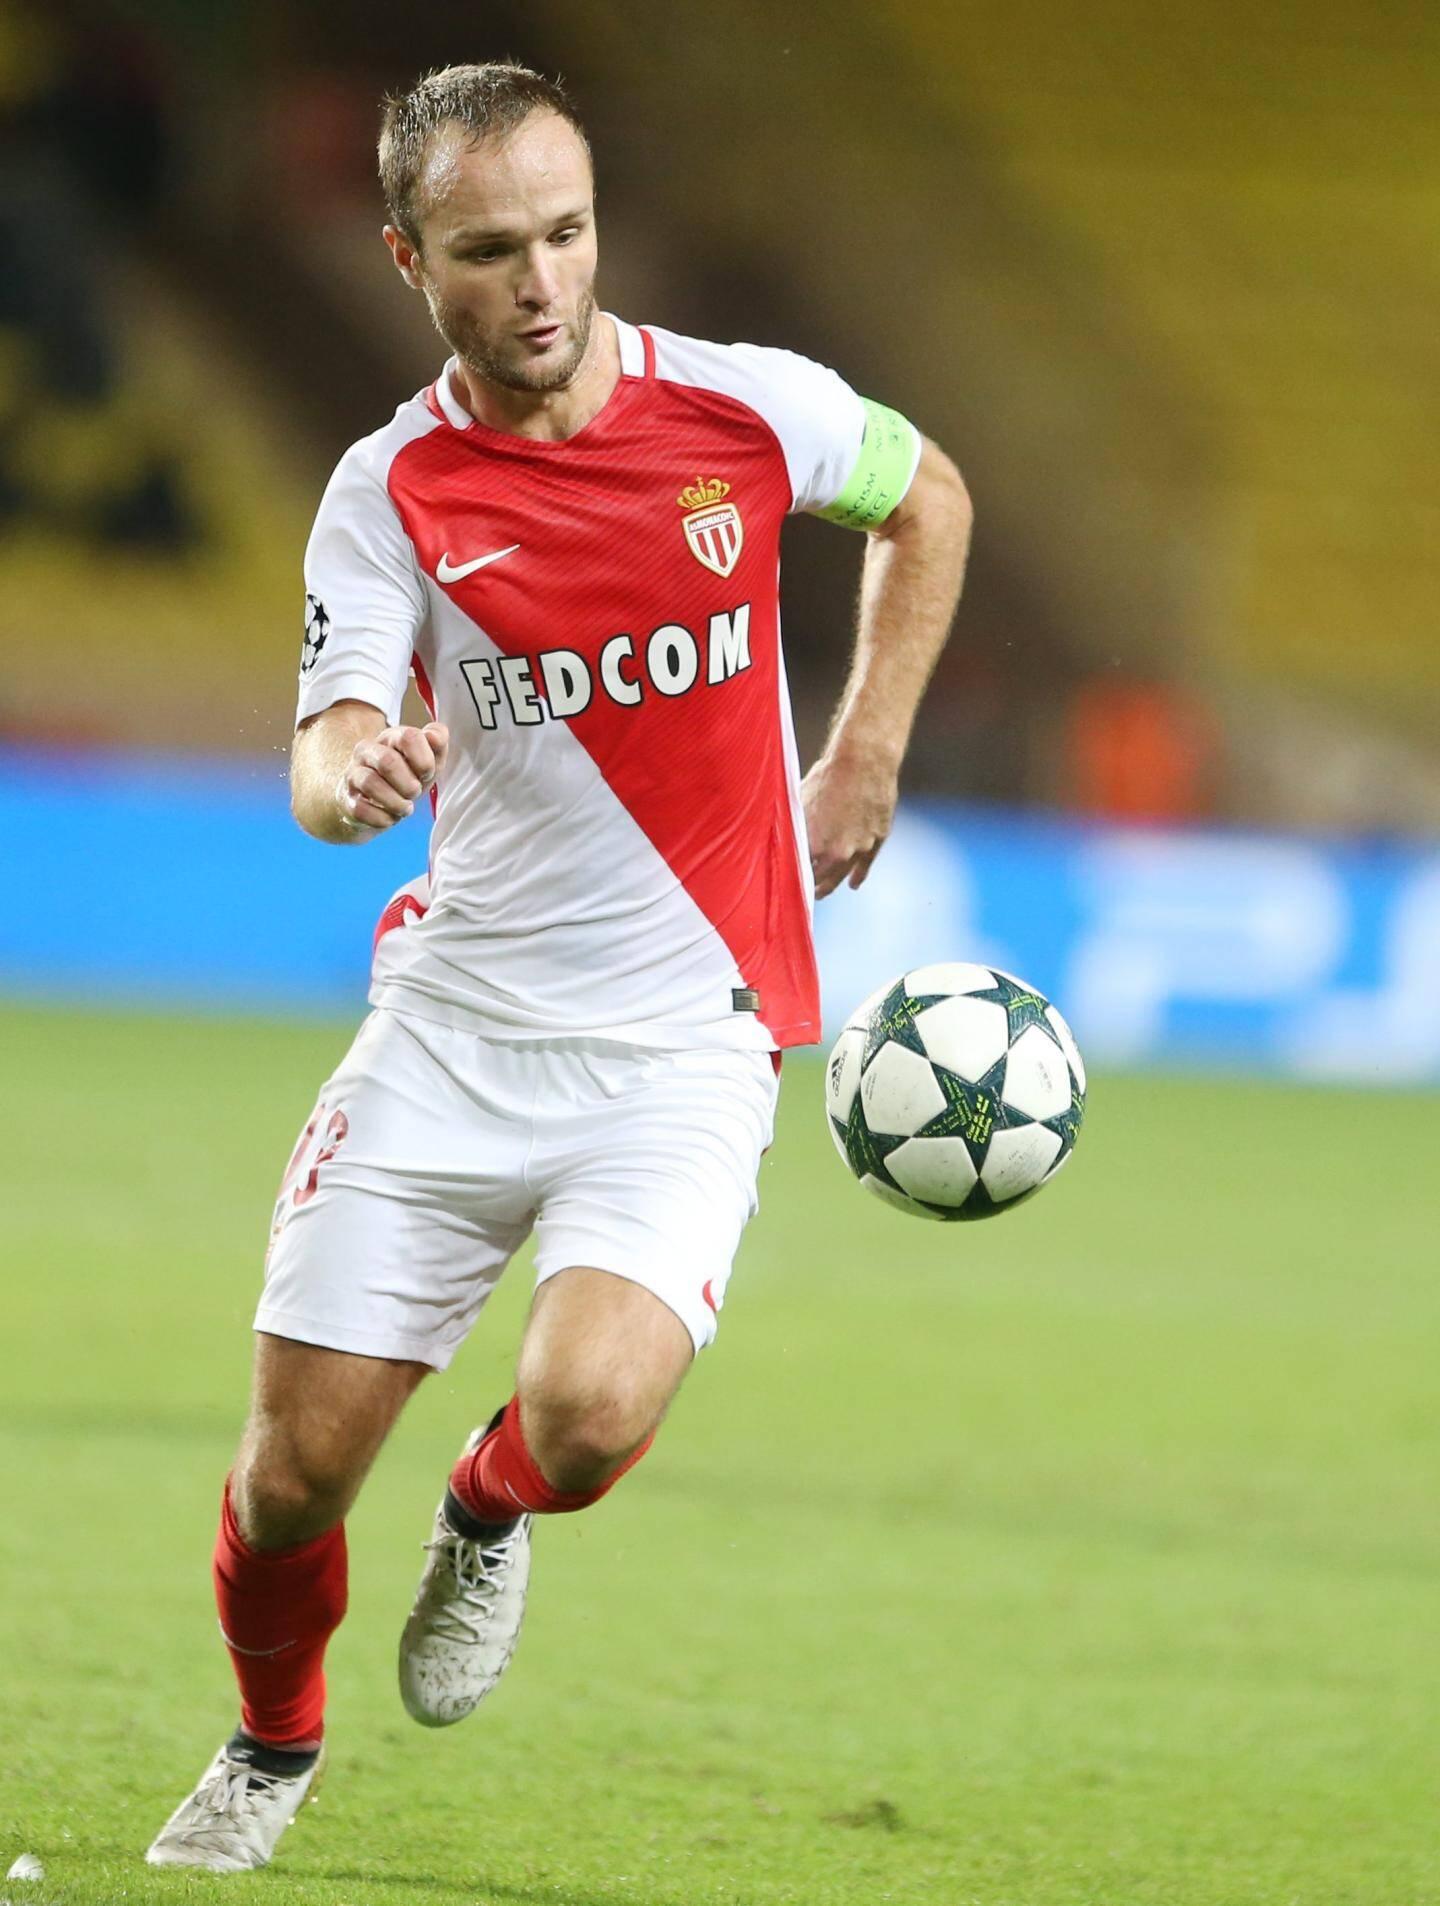 26 matches, 8 buts mais signalé seulement 4 fois hors-jeu en Ligue 1.